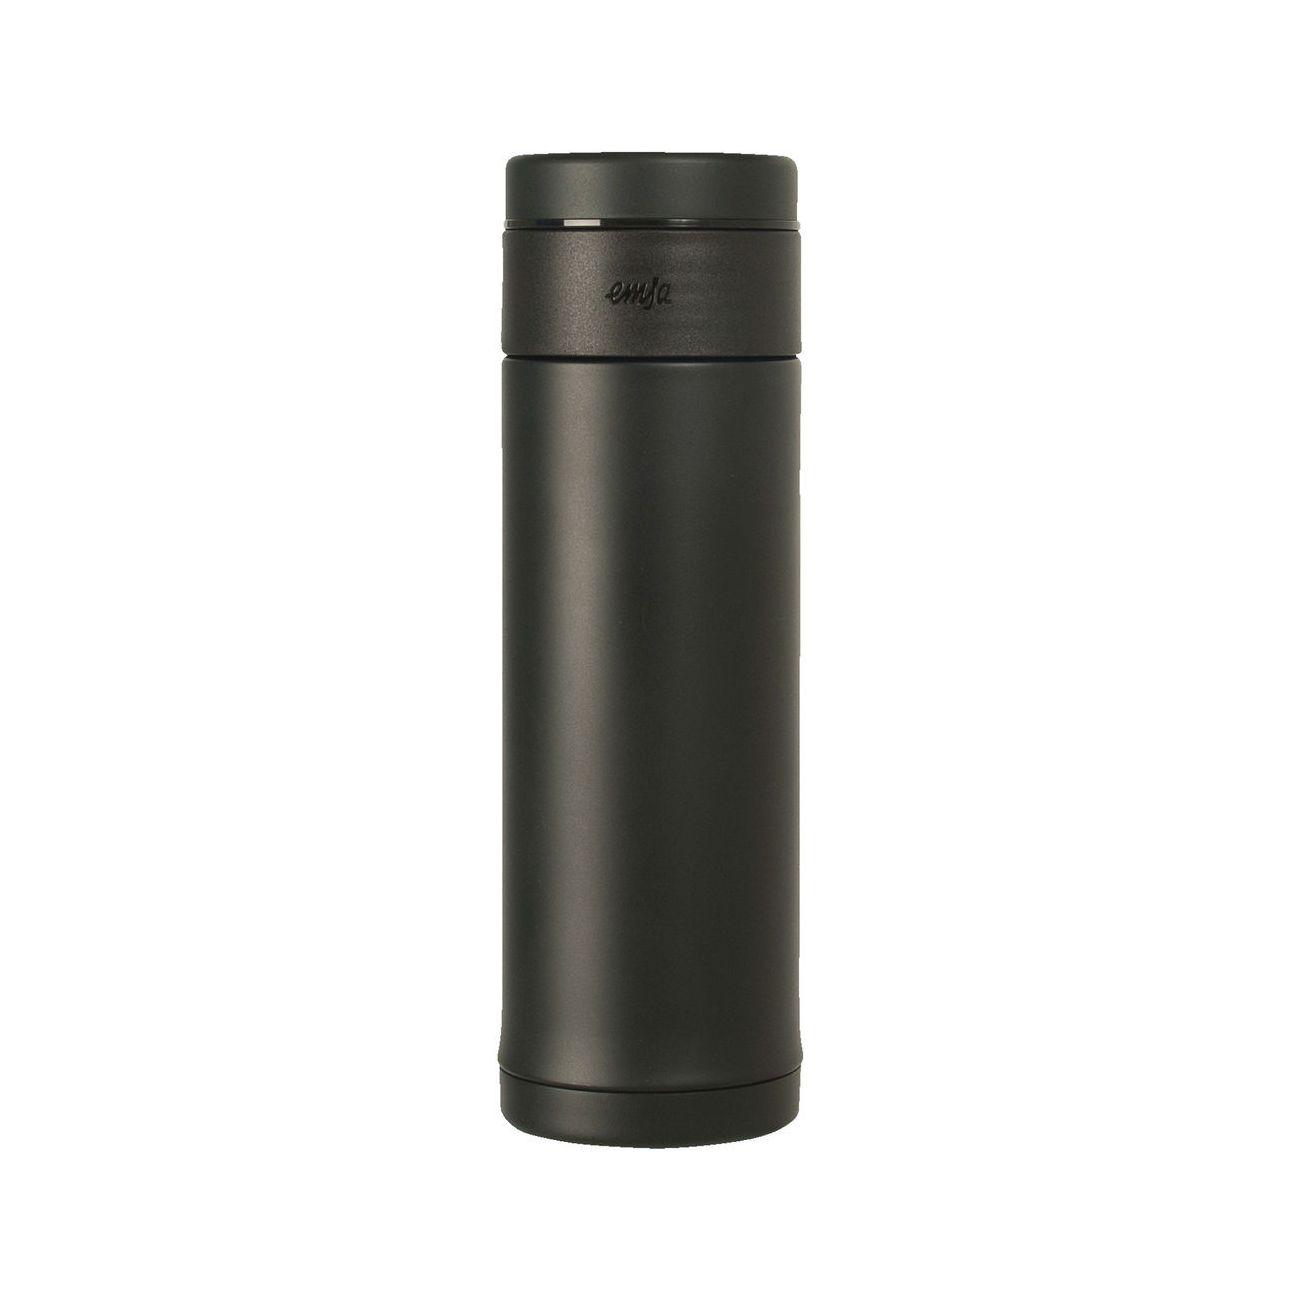 Термос-кружка EMSA MOBILITY SLIM0,42 л чернаяТермос изготовлен из высококачественной нержавеющей стали. Он отлично держит температуру вашего напитка в течение длительного времени. Вы сможете взять свой напиток с собой в дорогу и пить его где бы вы не находились. Термос герметичен и на 100% экологически безопасен.<br>